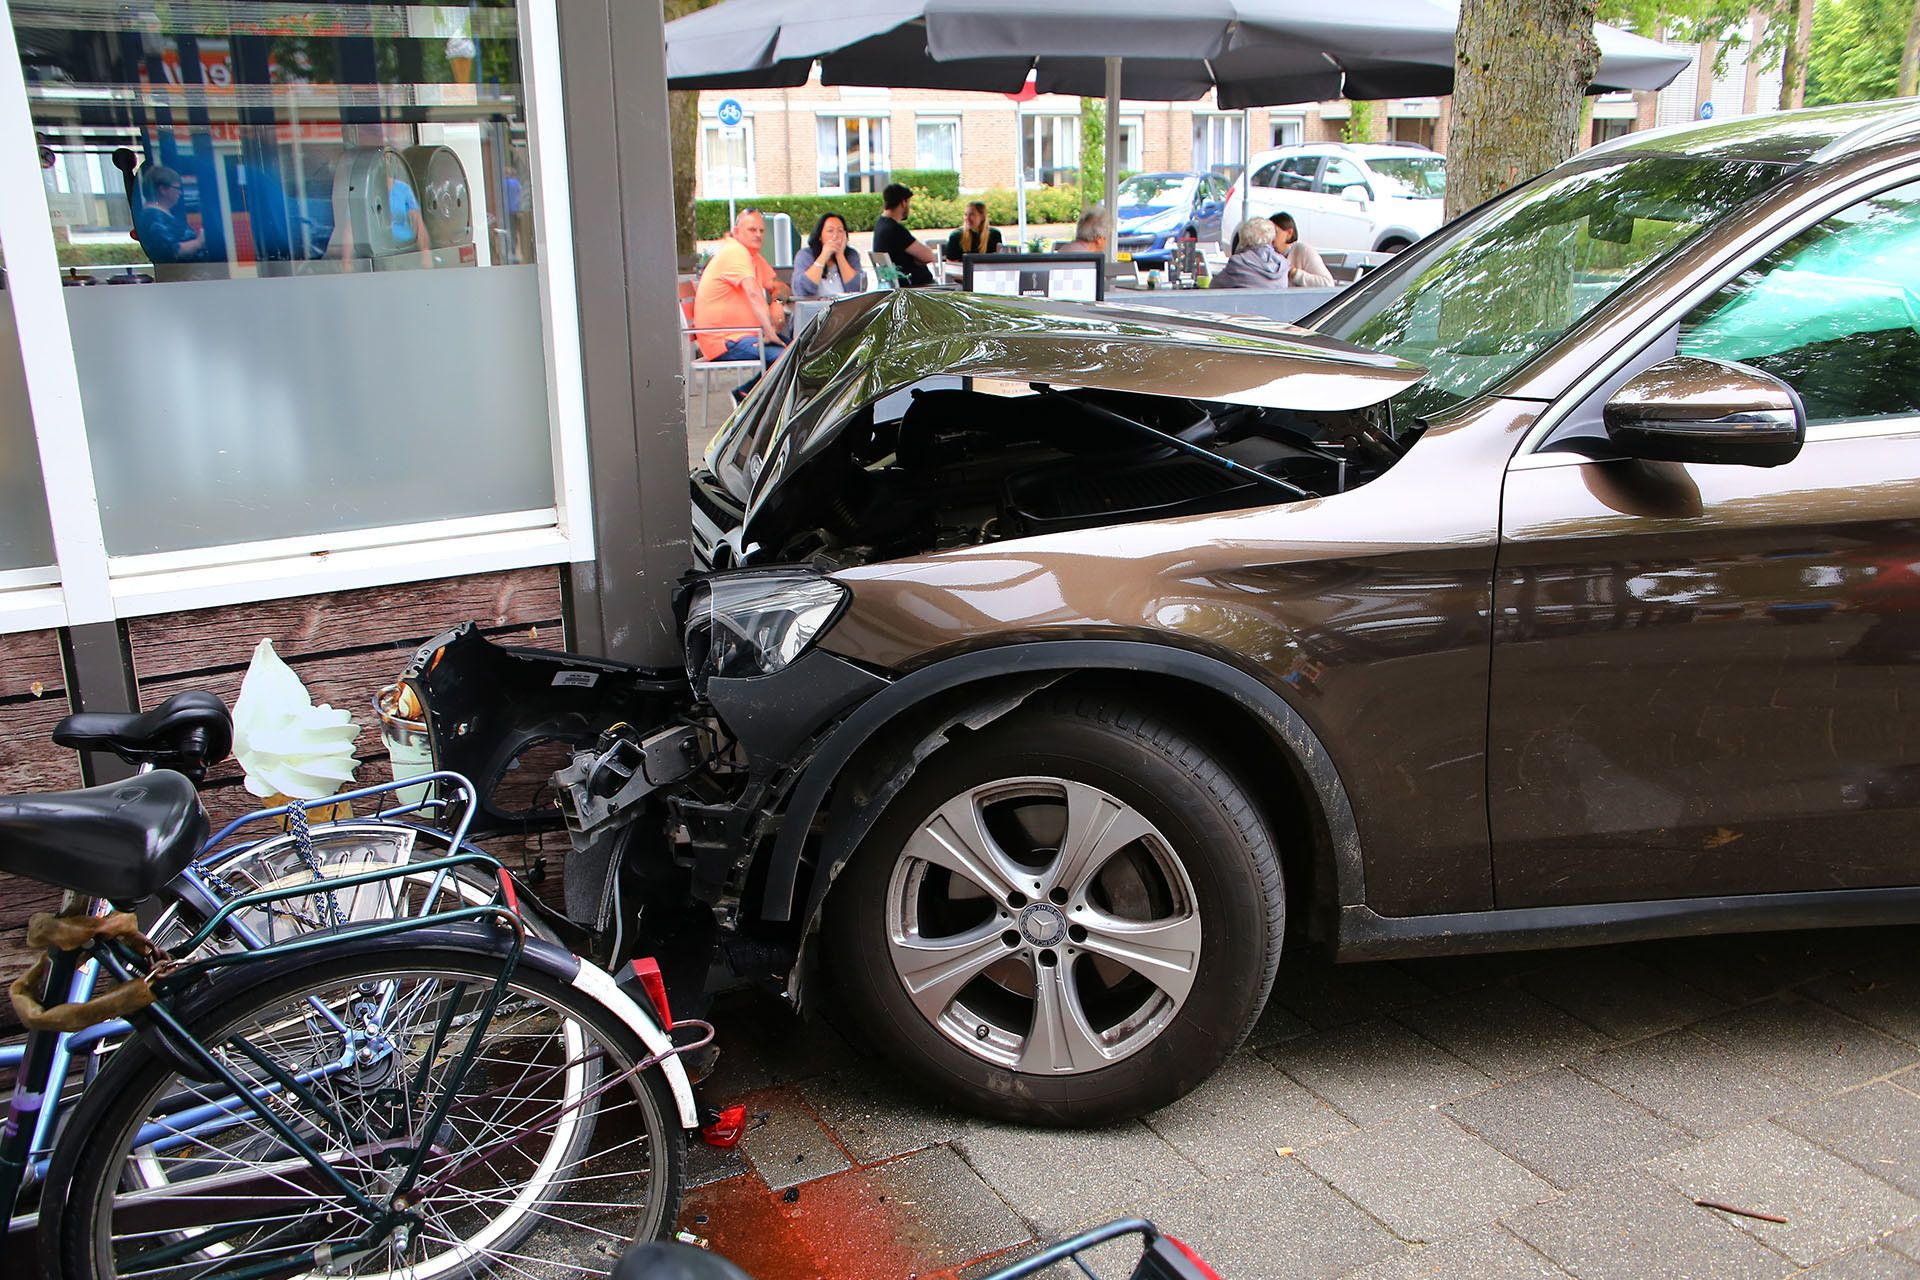 Auto Ramt Gevel Van Restaria Ussen In Oss Oss Restaria Snackbar Ussen Wolfskooi Http Wp Me P8nln8 8an Gevel Auto